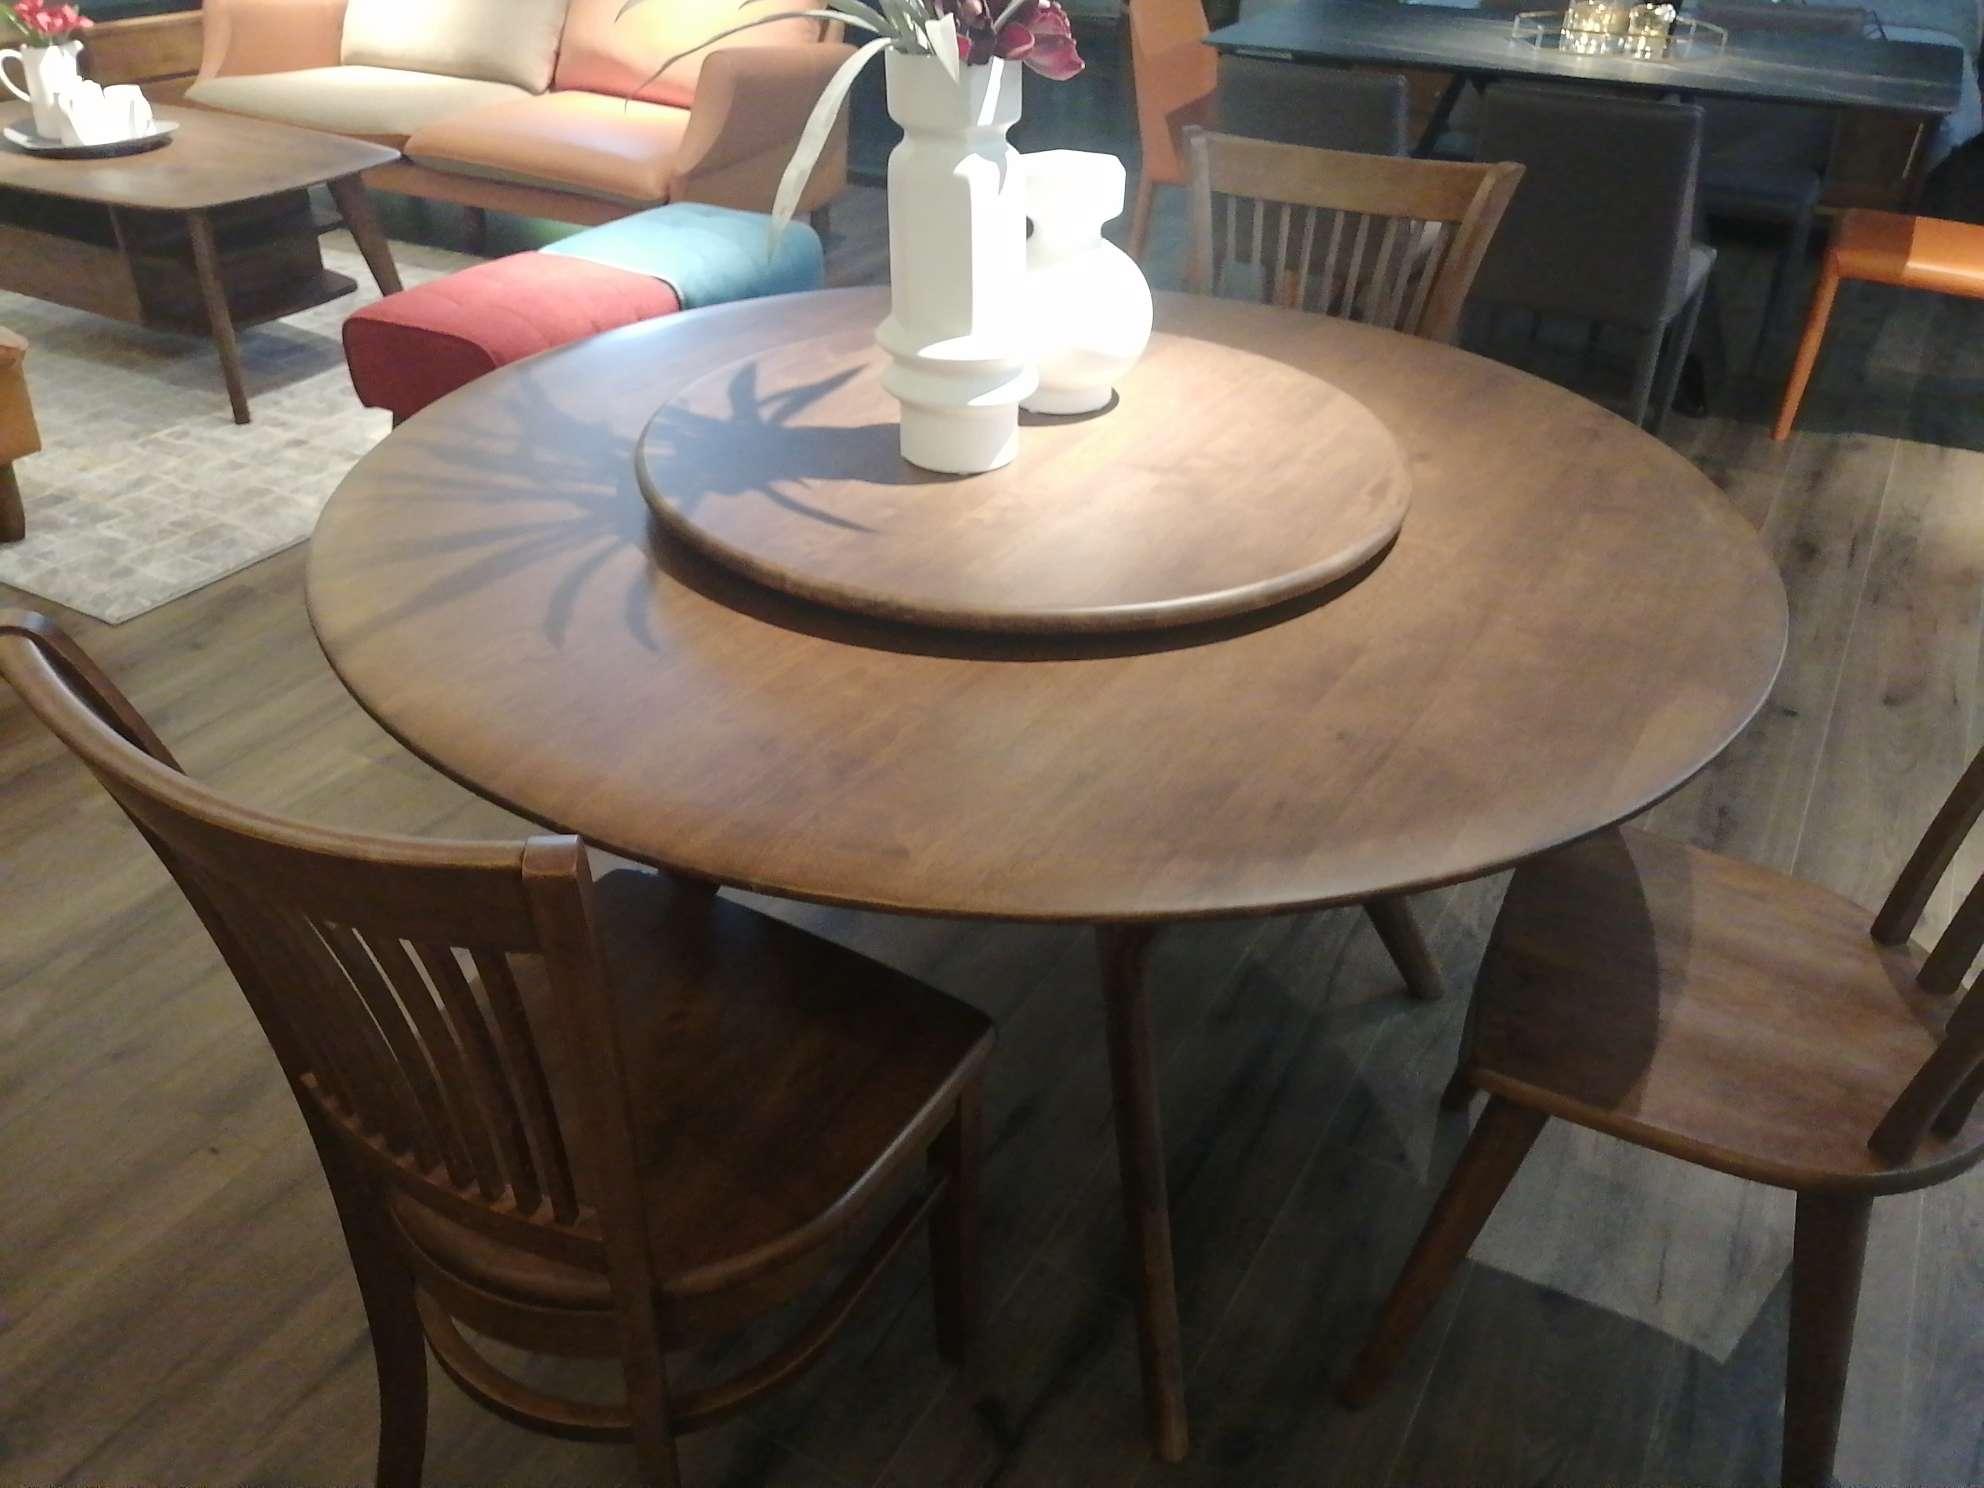 科美滋马来西亚原装进口圆餐桌1.35米加两条凳子